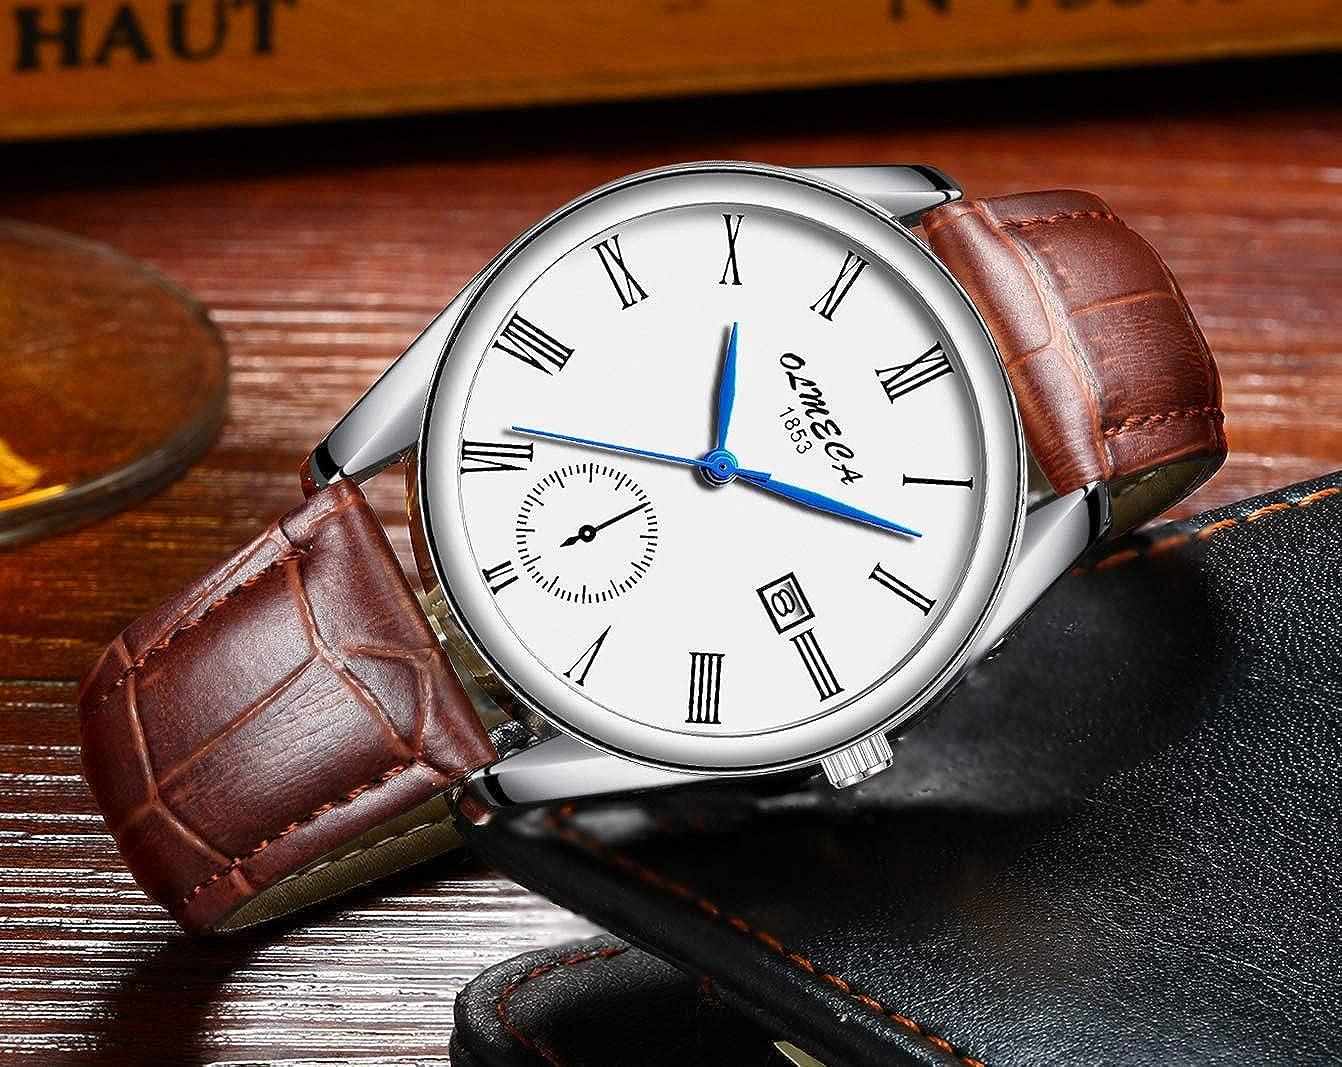 OLMECA Relojes Hombre Moda de Lujo Reloj de Pulsera de Cuarzo Cronógrafo Impermeable con Cuero, Relojes de Acero Inoxidable para Hombres.